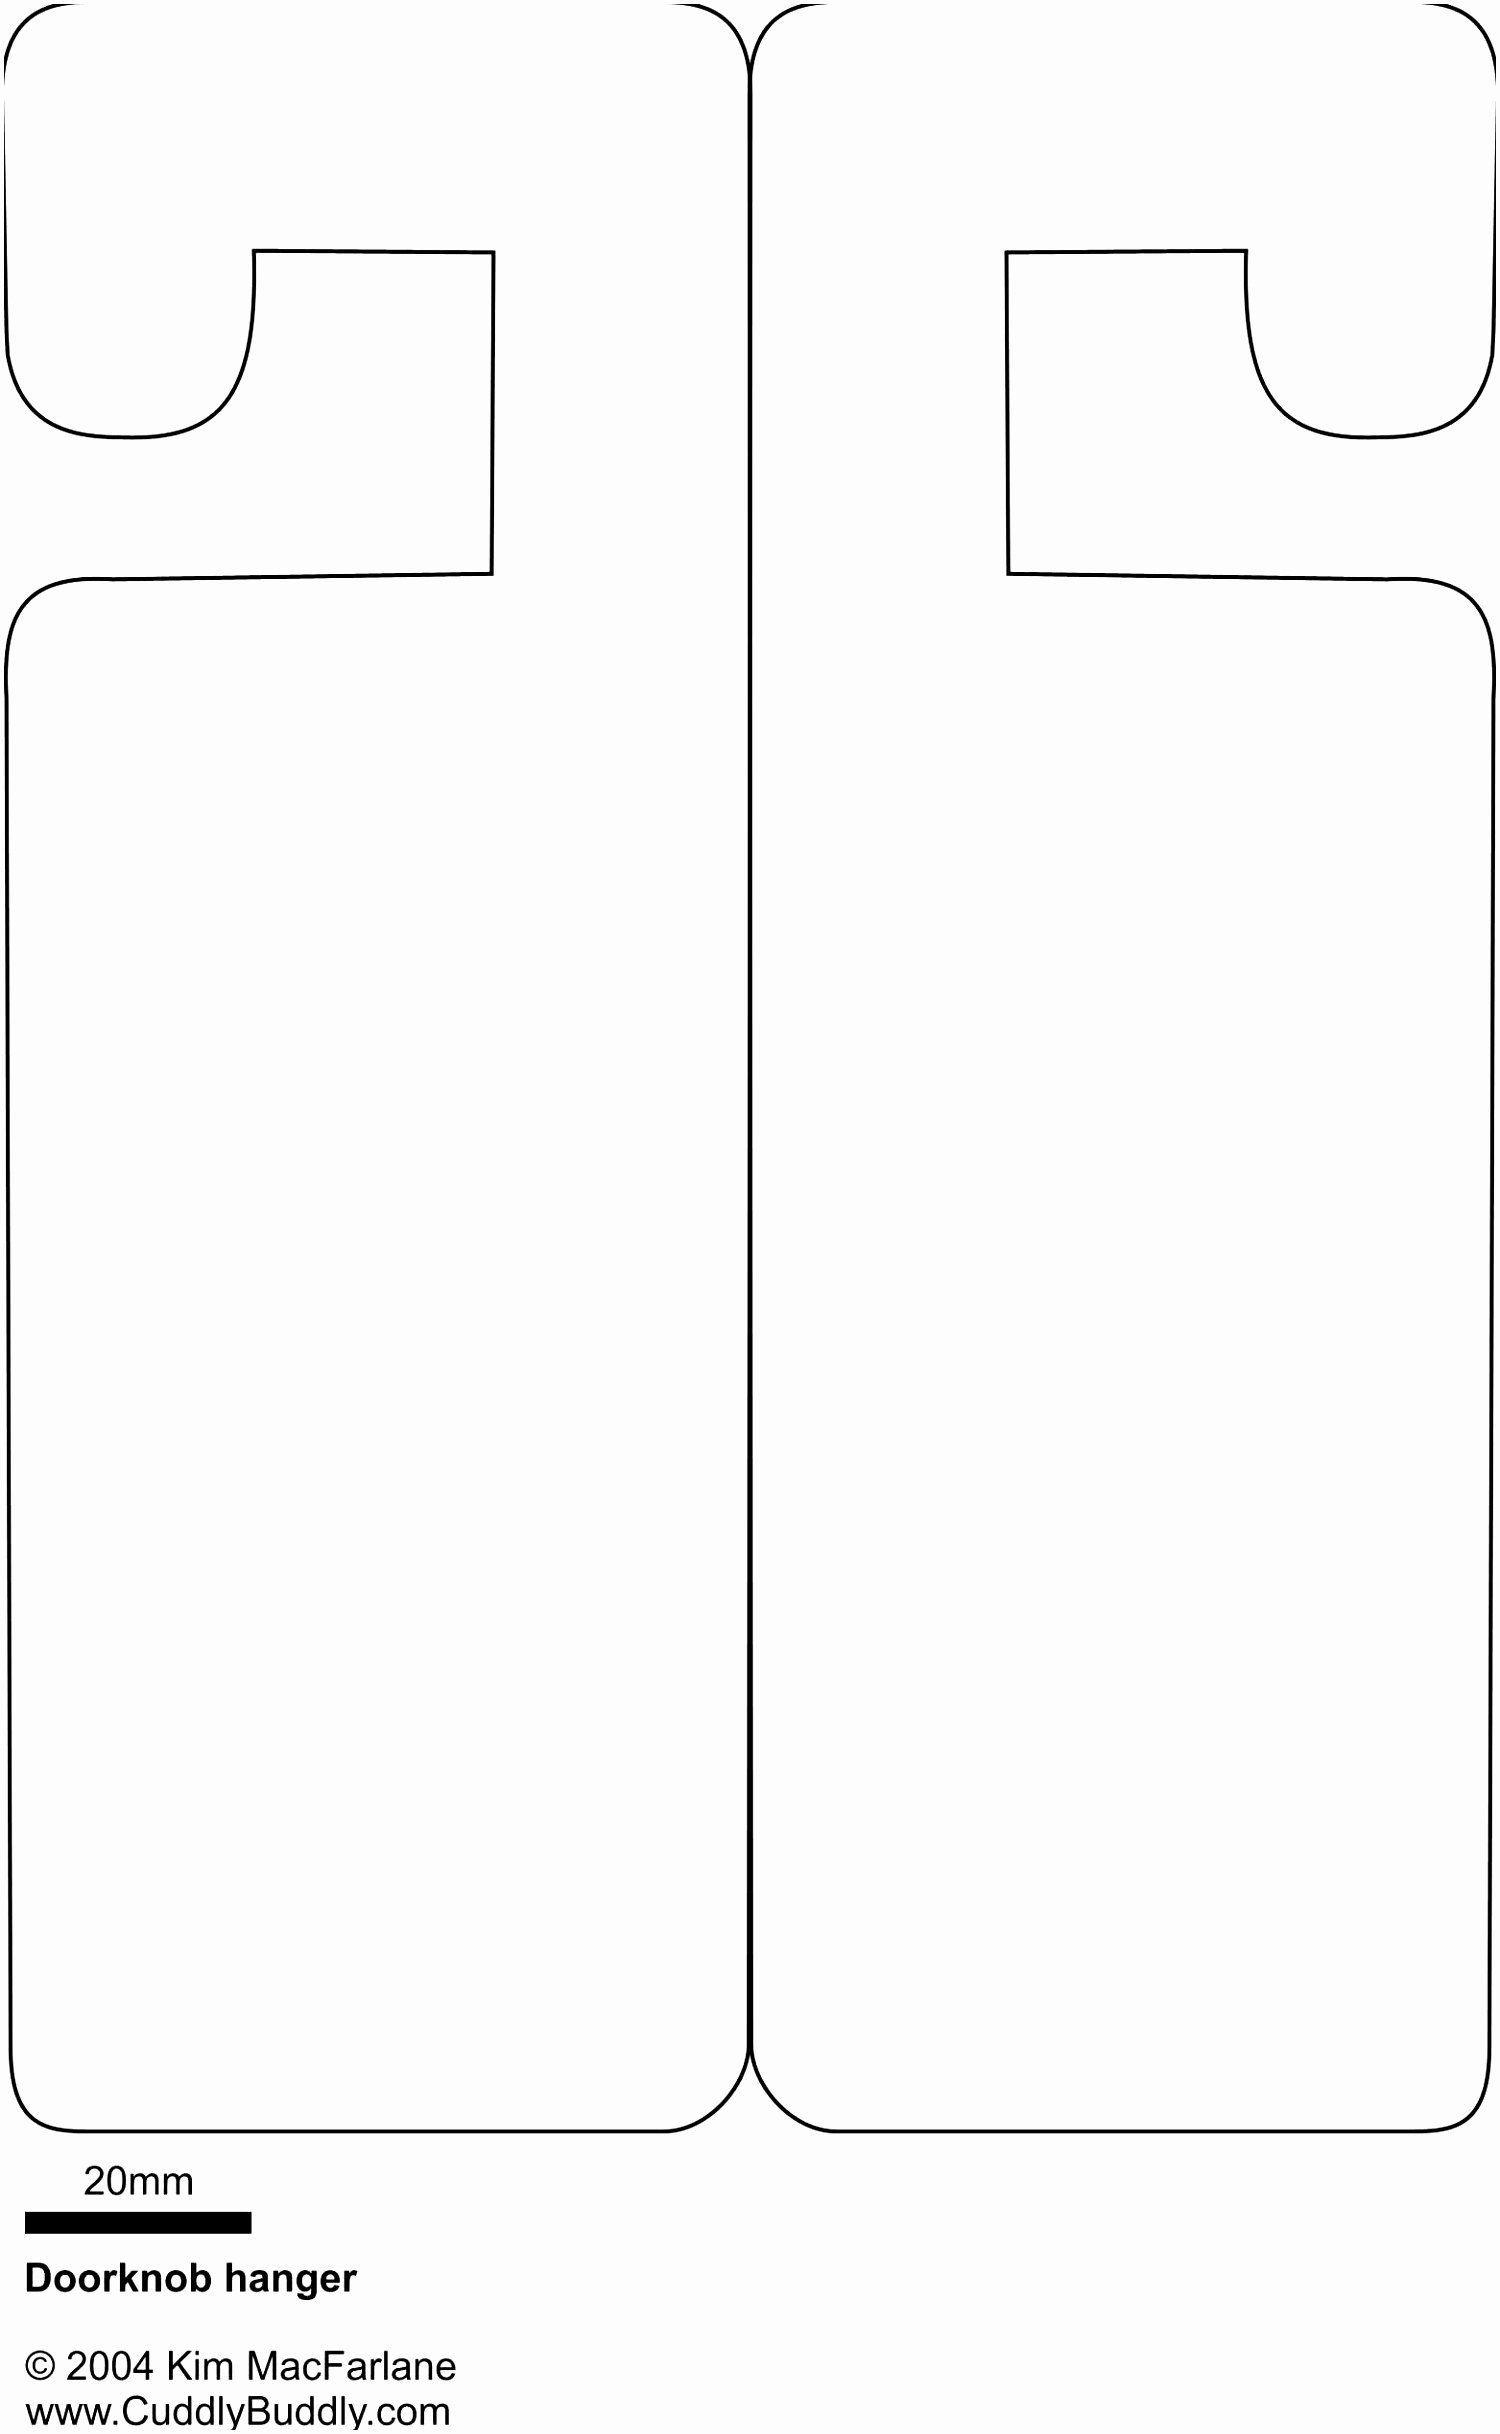 003 Outstanding Word Door Hanger Template Free Image  MicrosoftFull